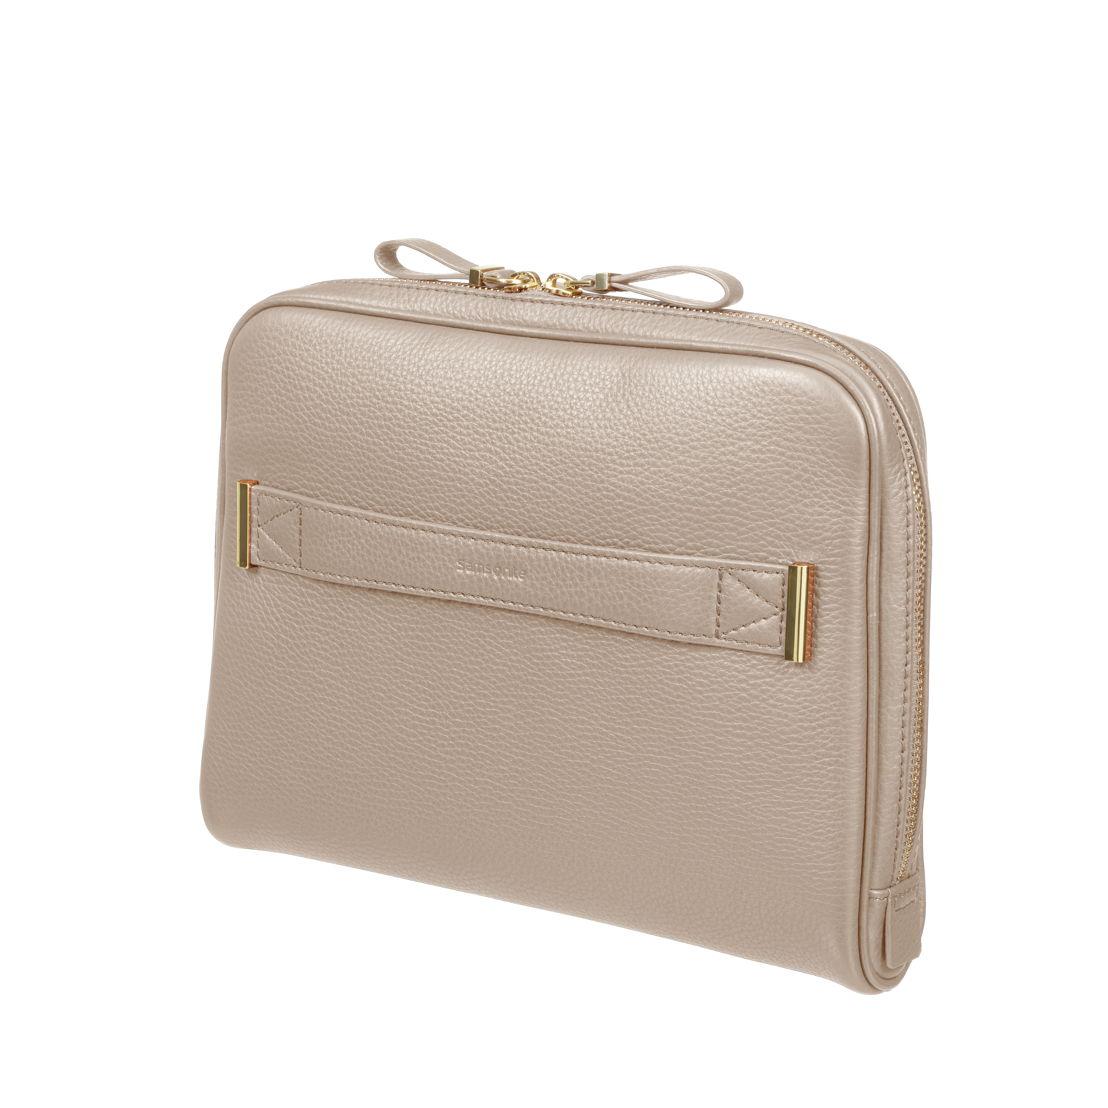 La housse pour tablette - beige - 169 €